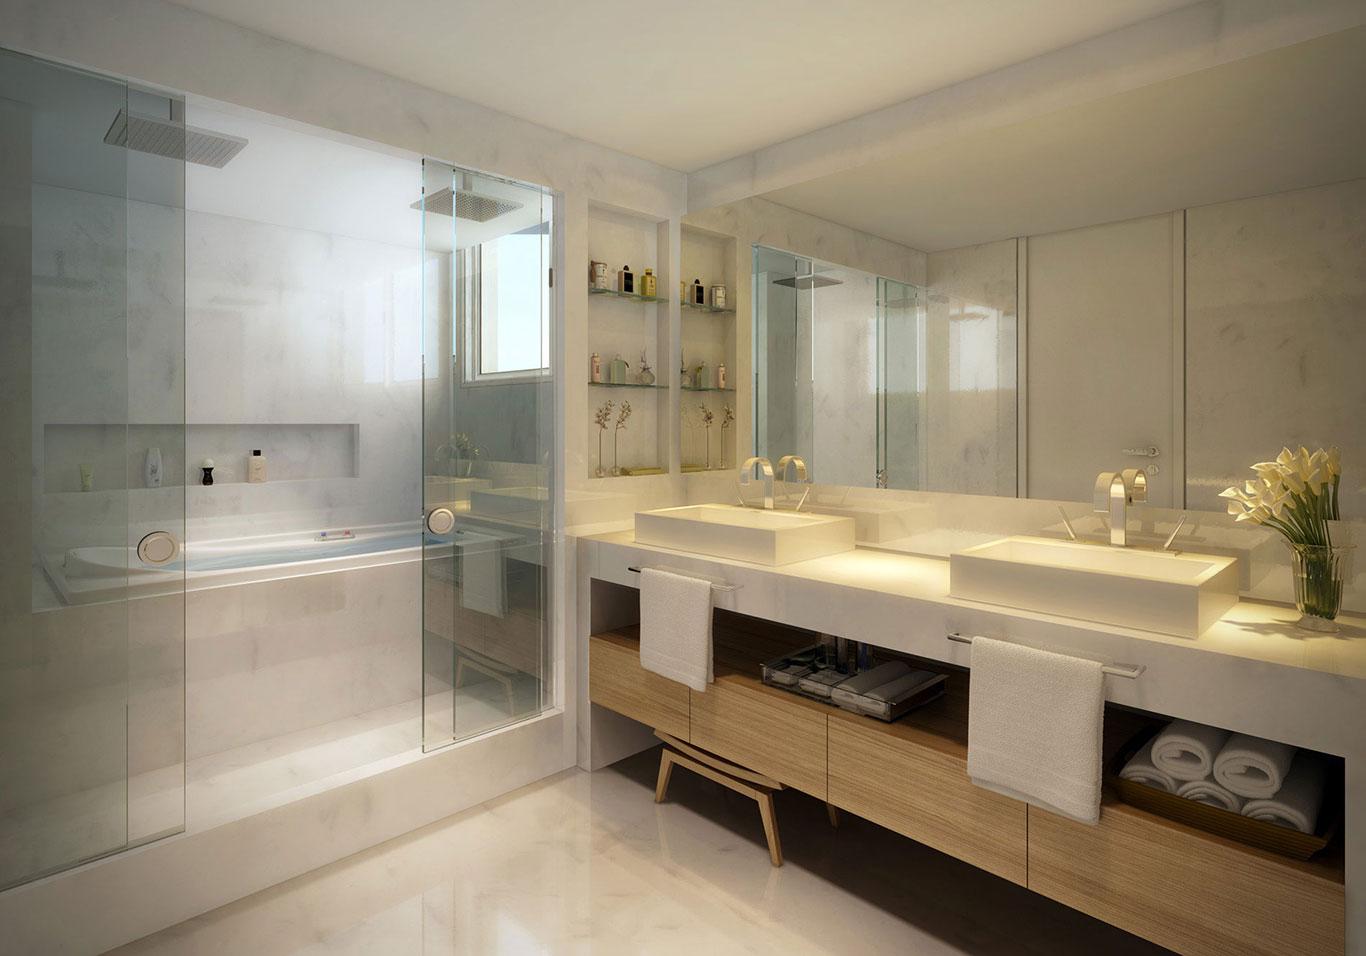 10 Dicas práticas para seu banheiro ficar lindo e funcional! -> Decoracao De Banheiros Com Duas Cubas